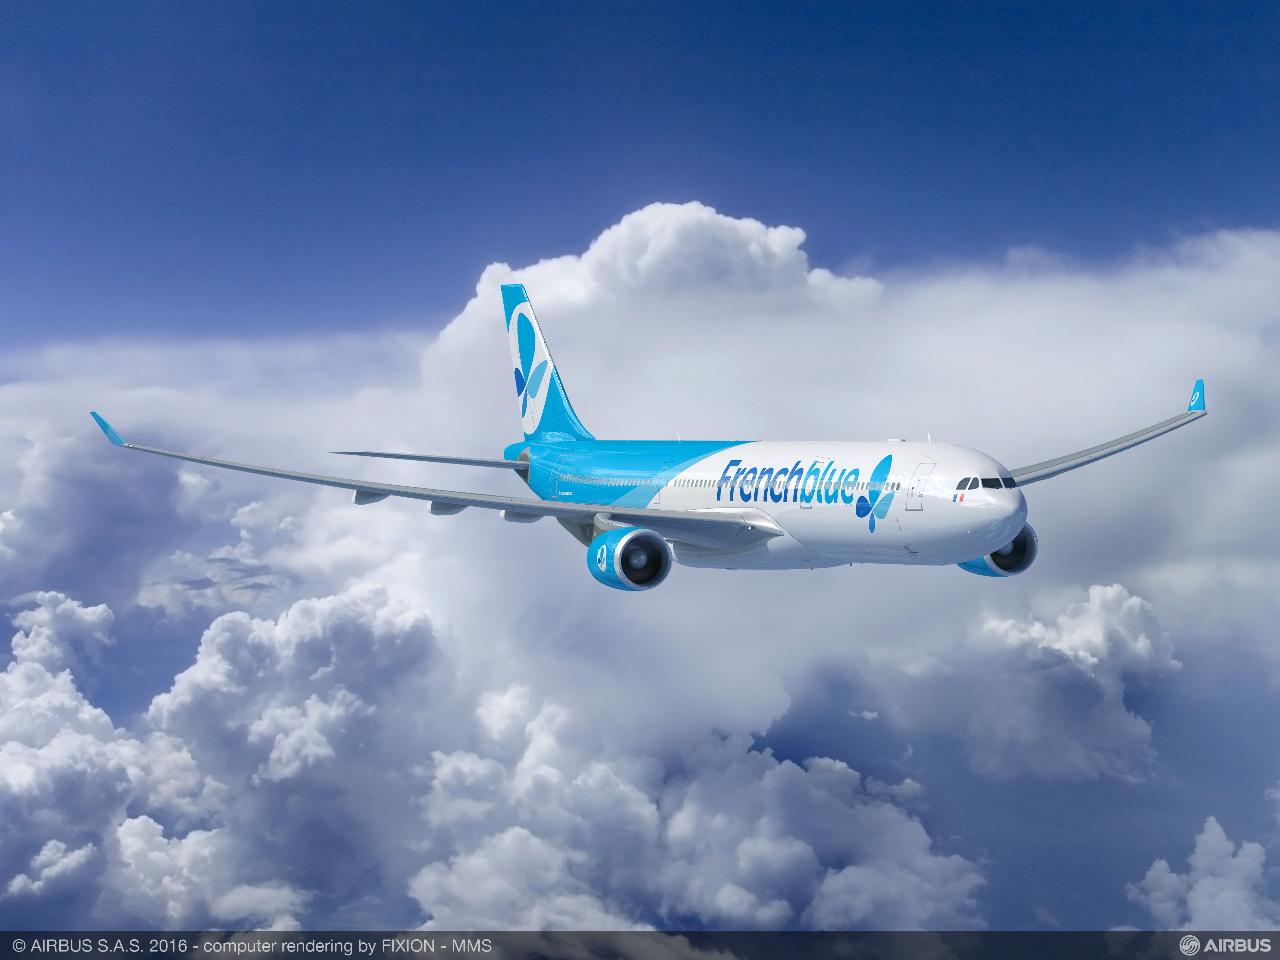 French Blue propose la traversée de l'Atlantique à partir de 149 euros